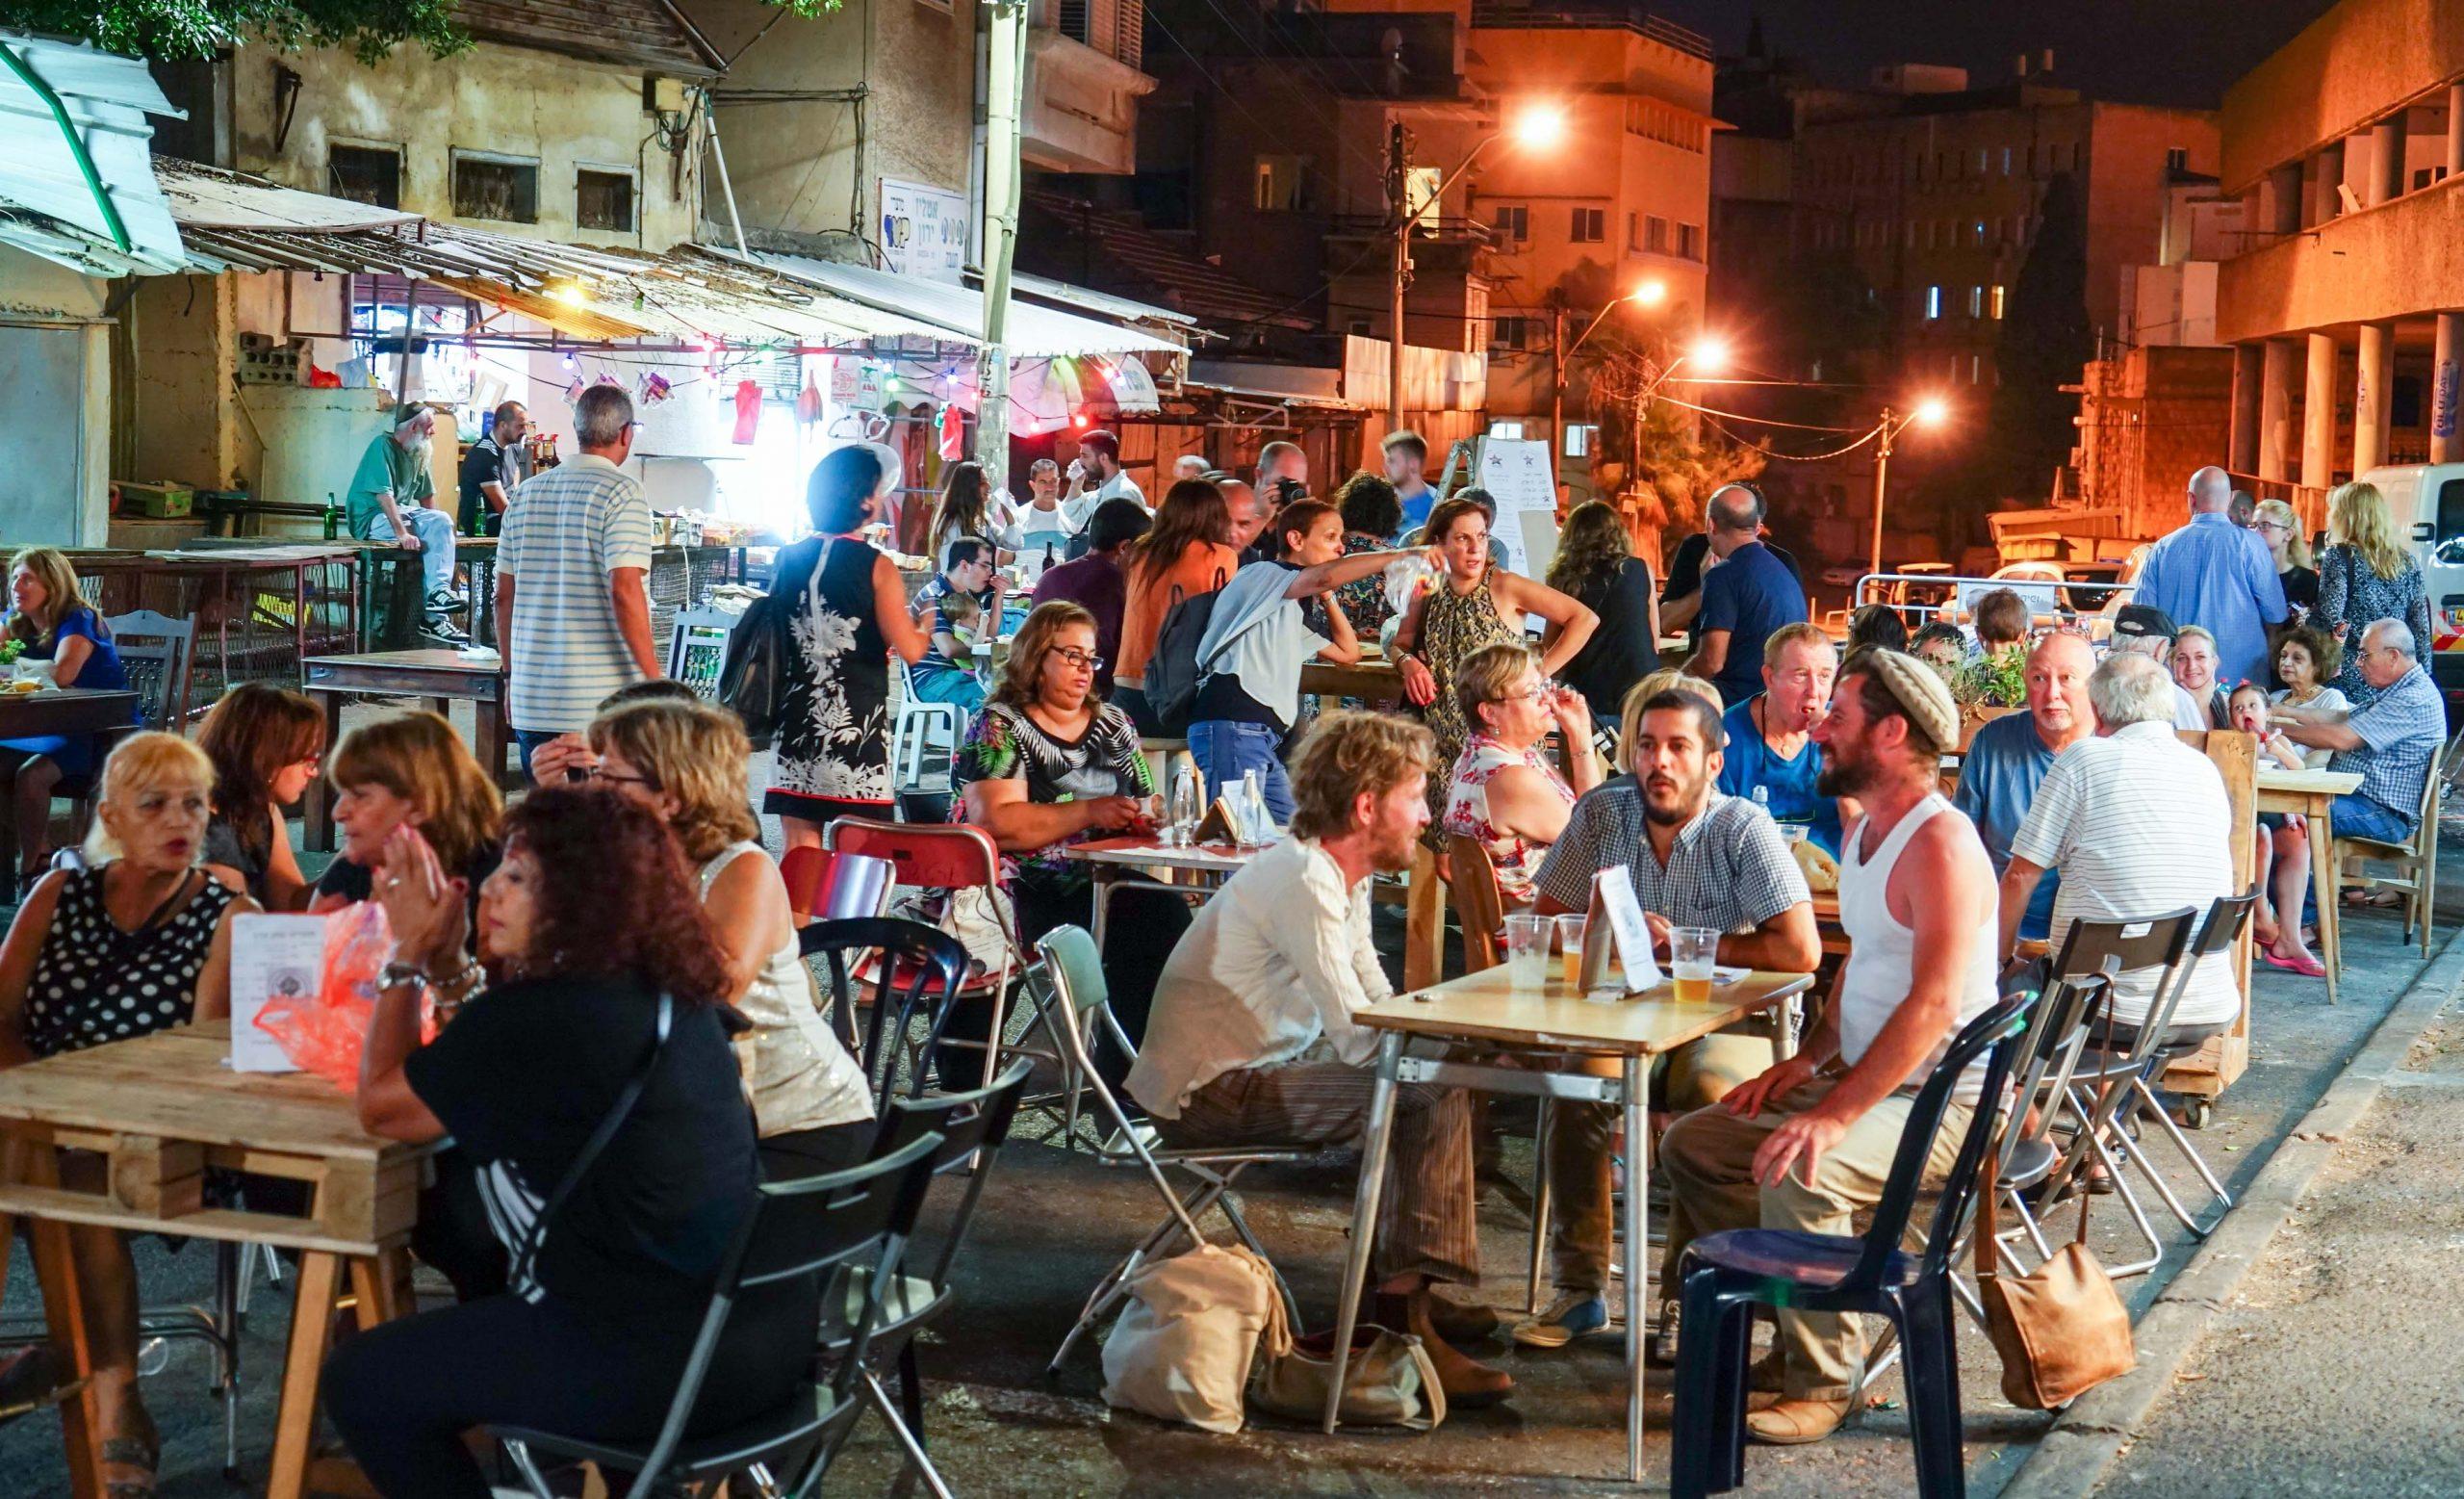 טיפוח קיימות עירונית בחיפה בצל חוסר ודאות